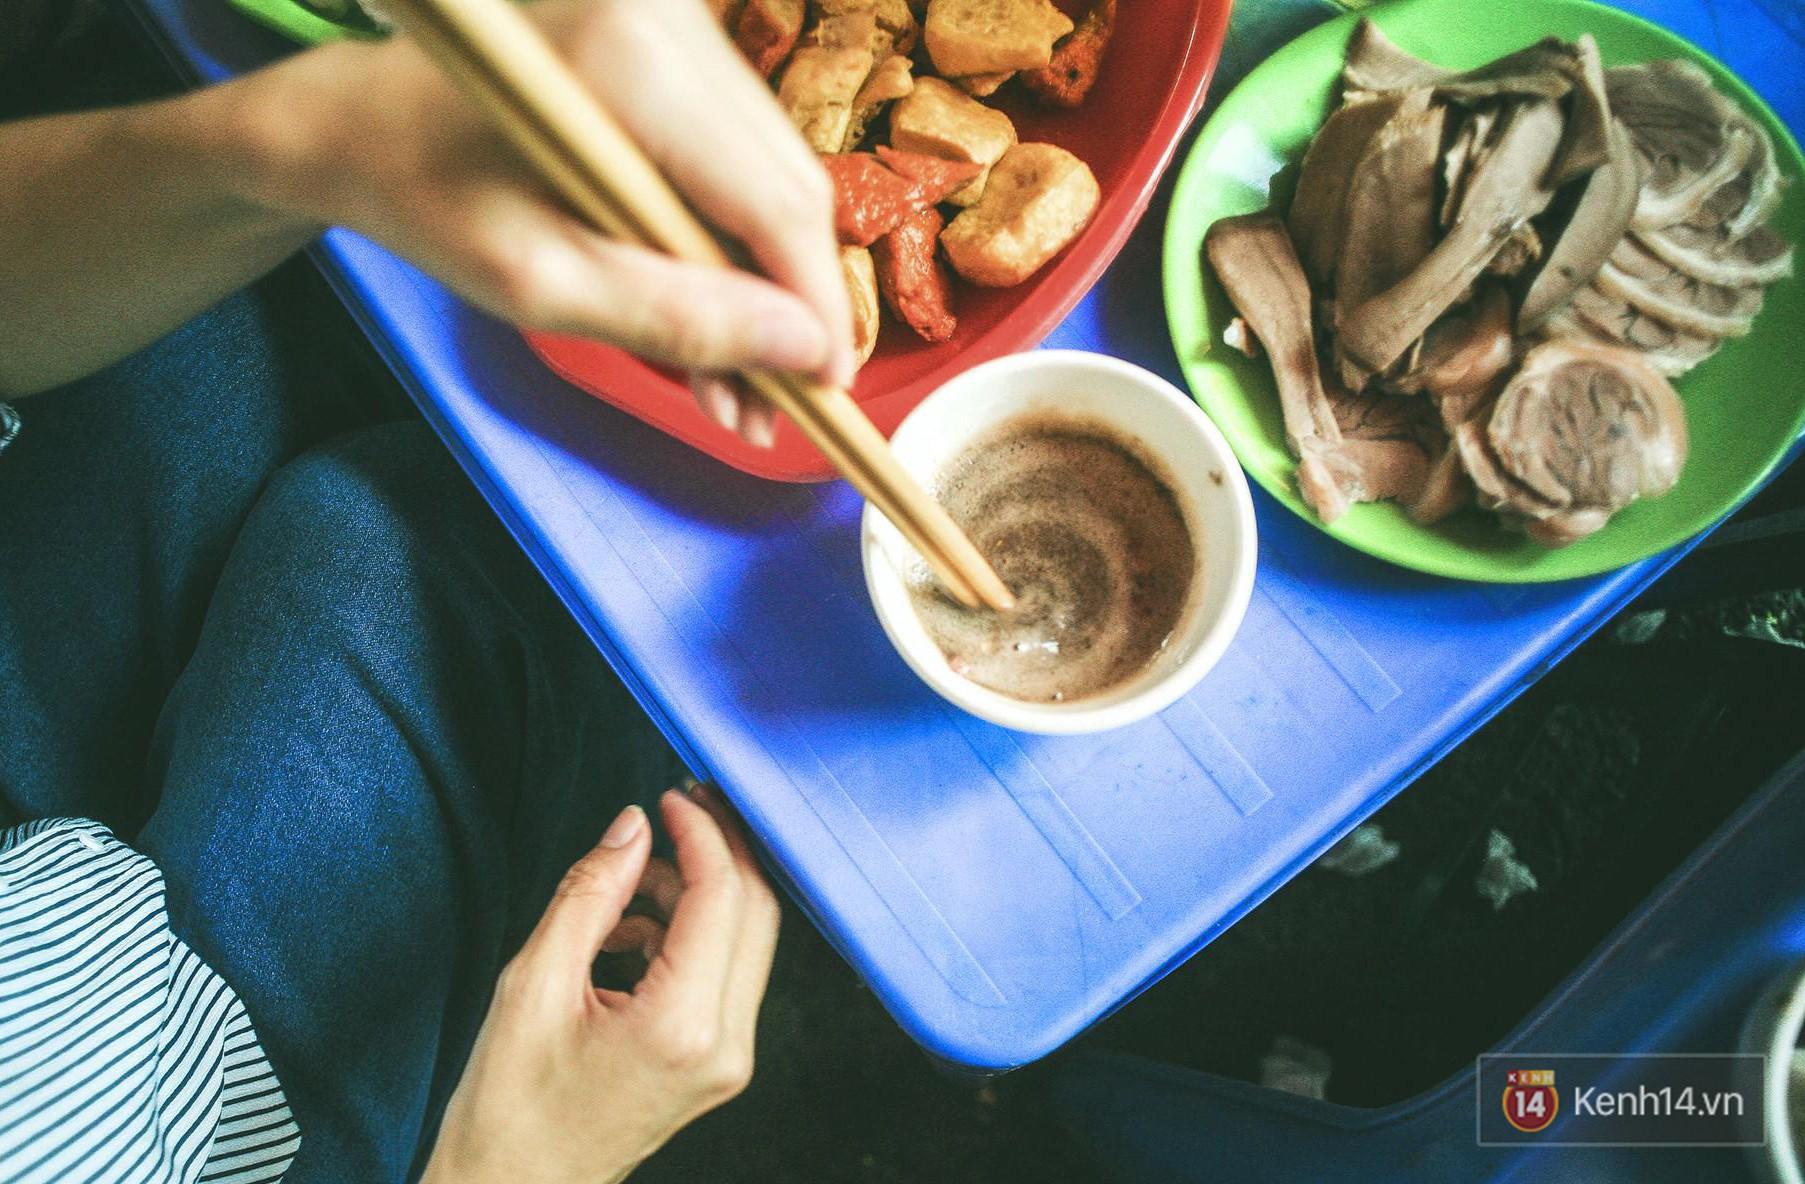 Những món đặc sản của Việt Nam nhưng lại là nỗi sợ của nhiều du khách quốc tế - Ảnh 7.